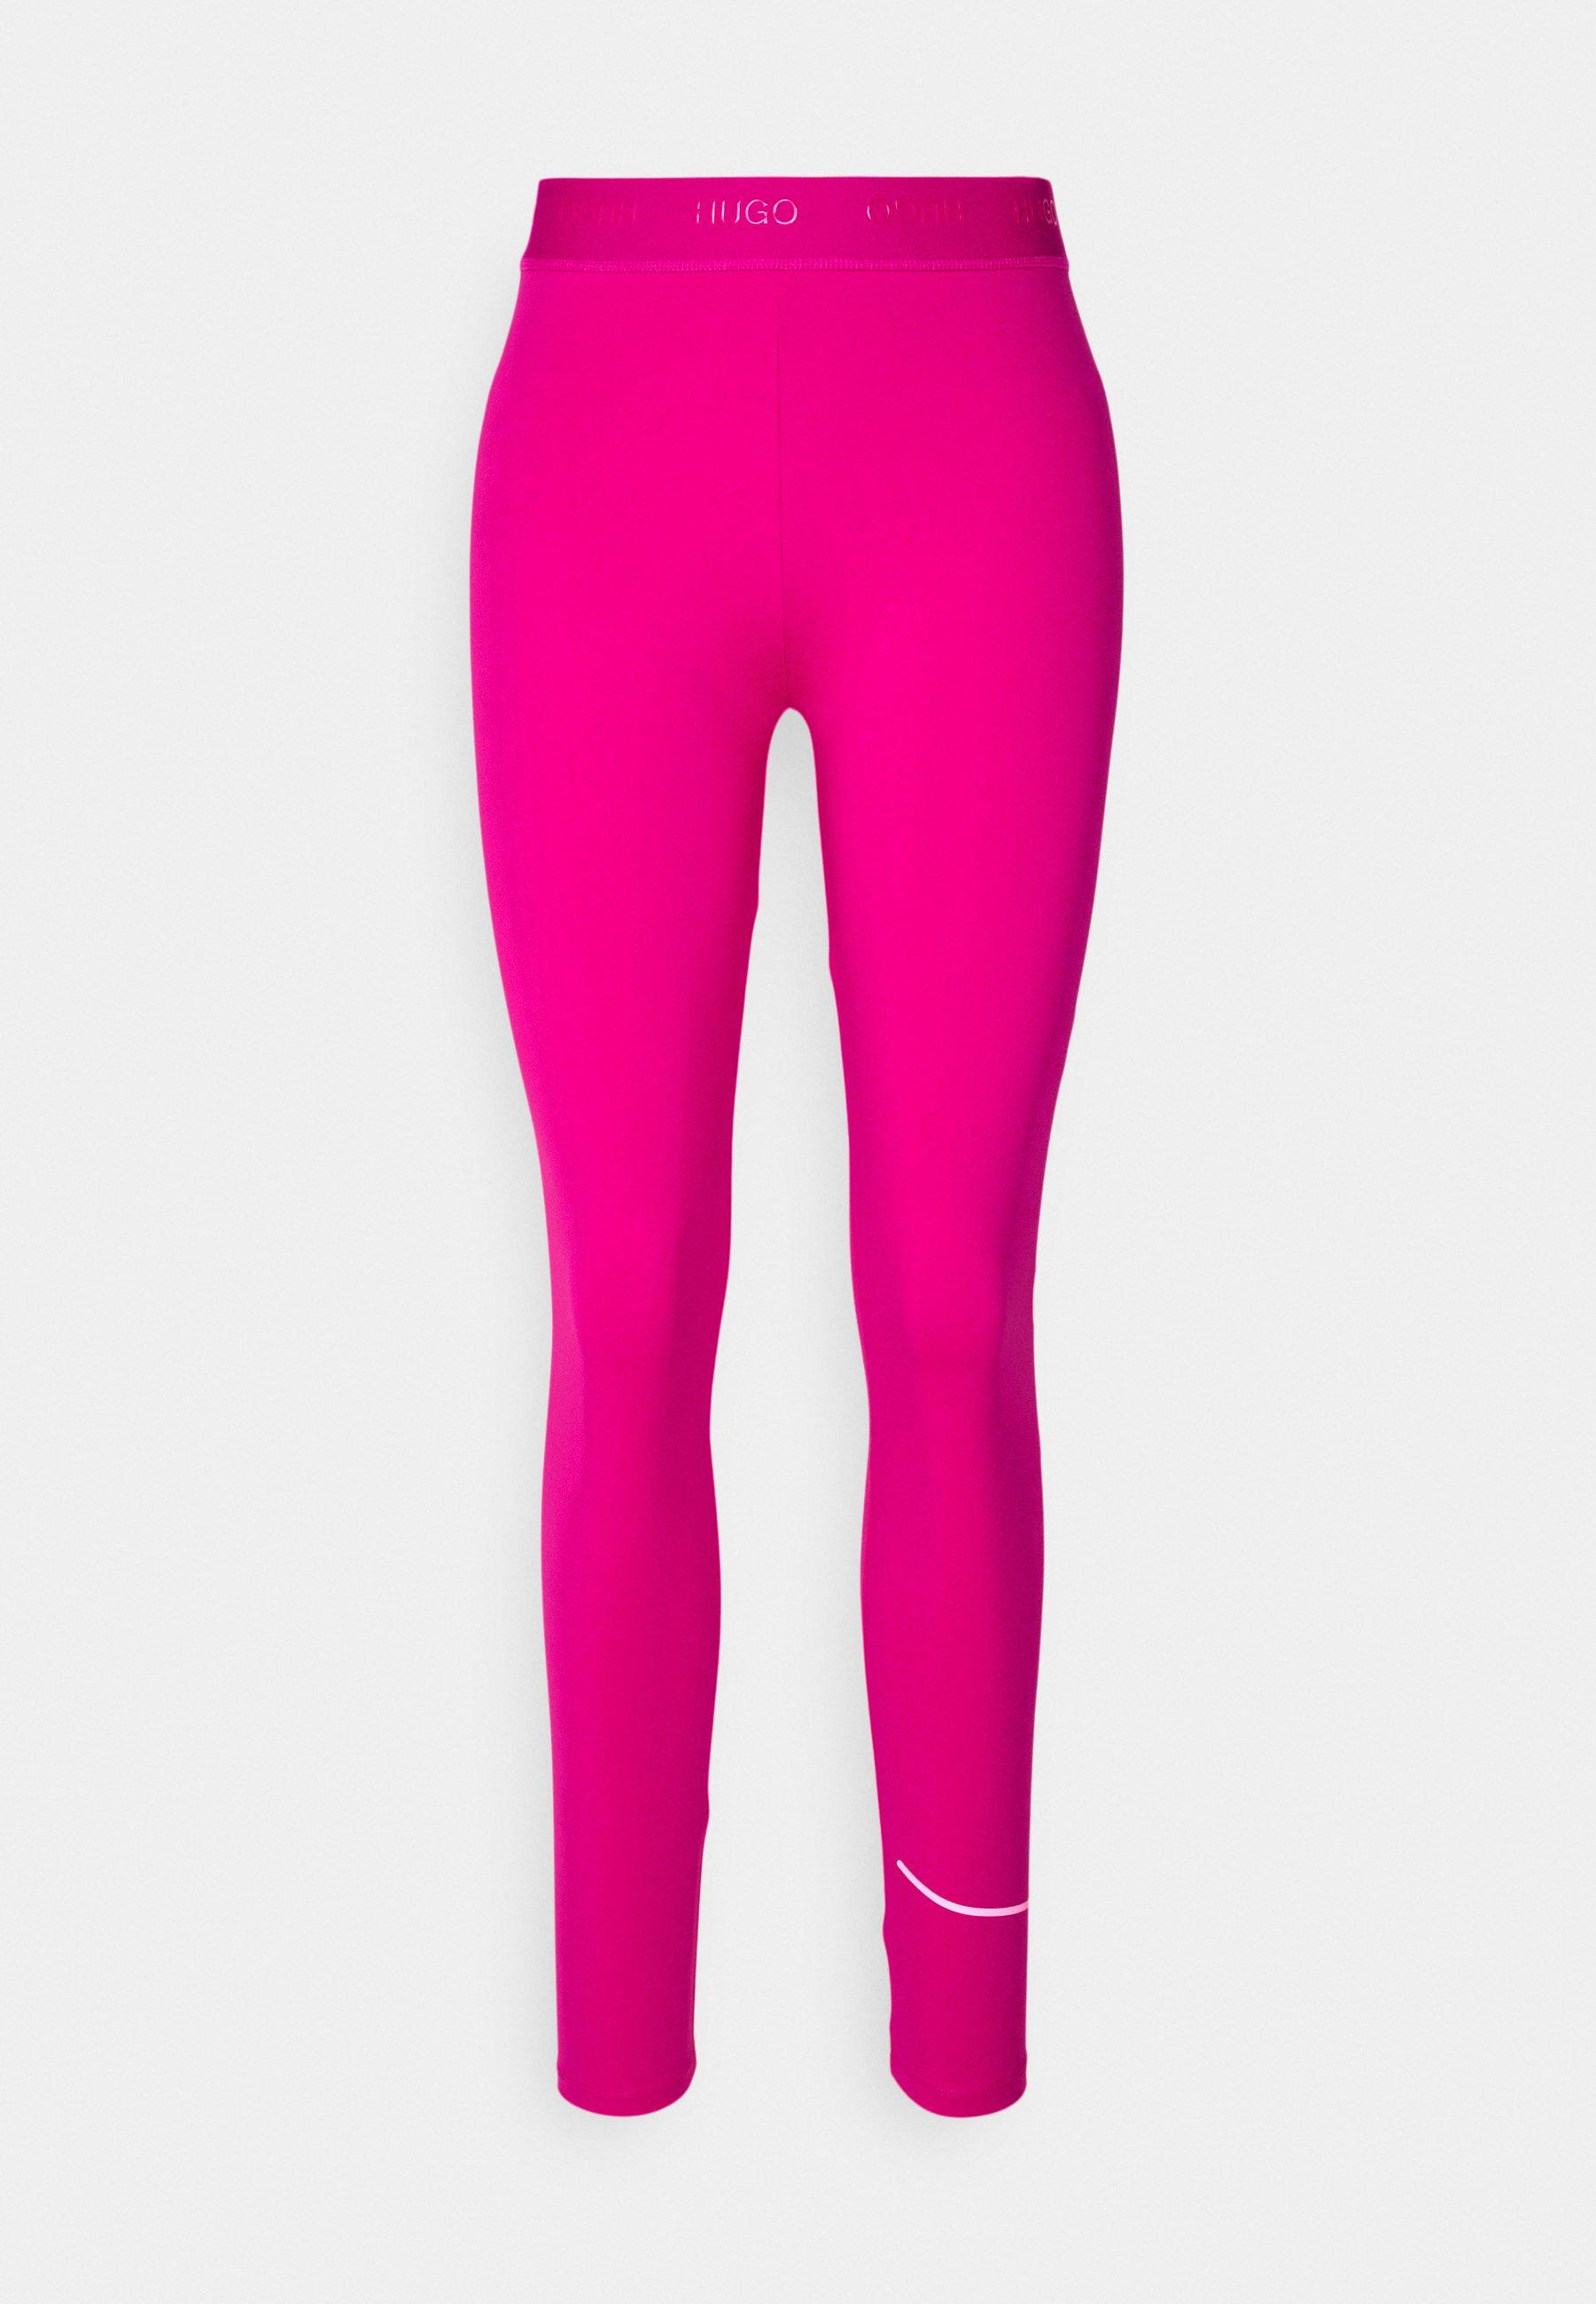 Damen NICAGO - Leggings - Hosen